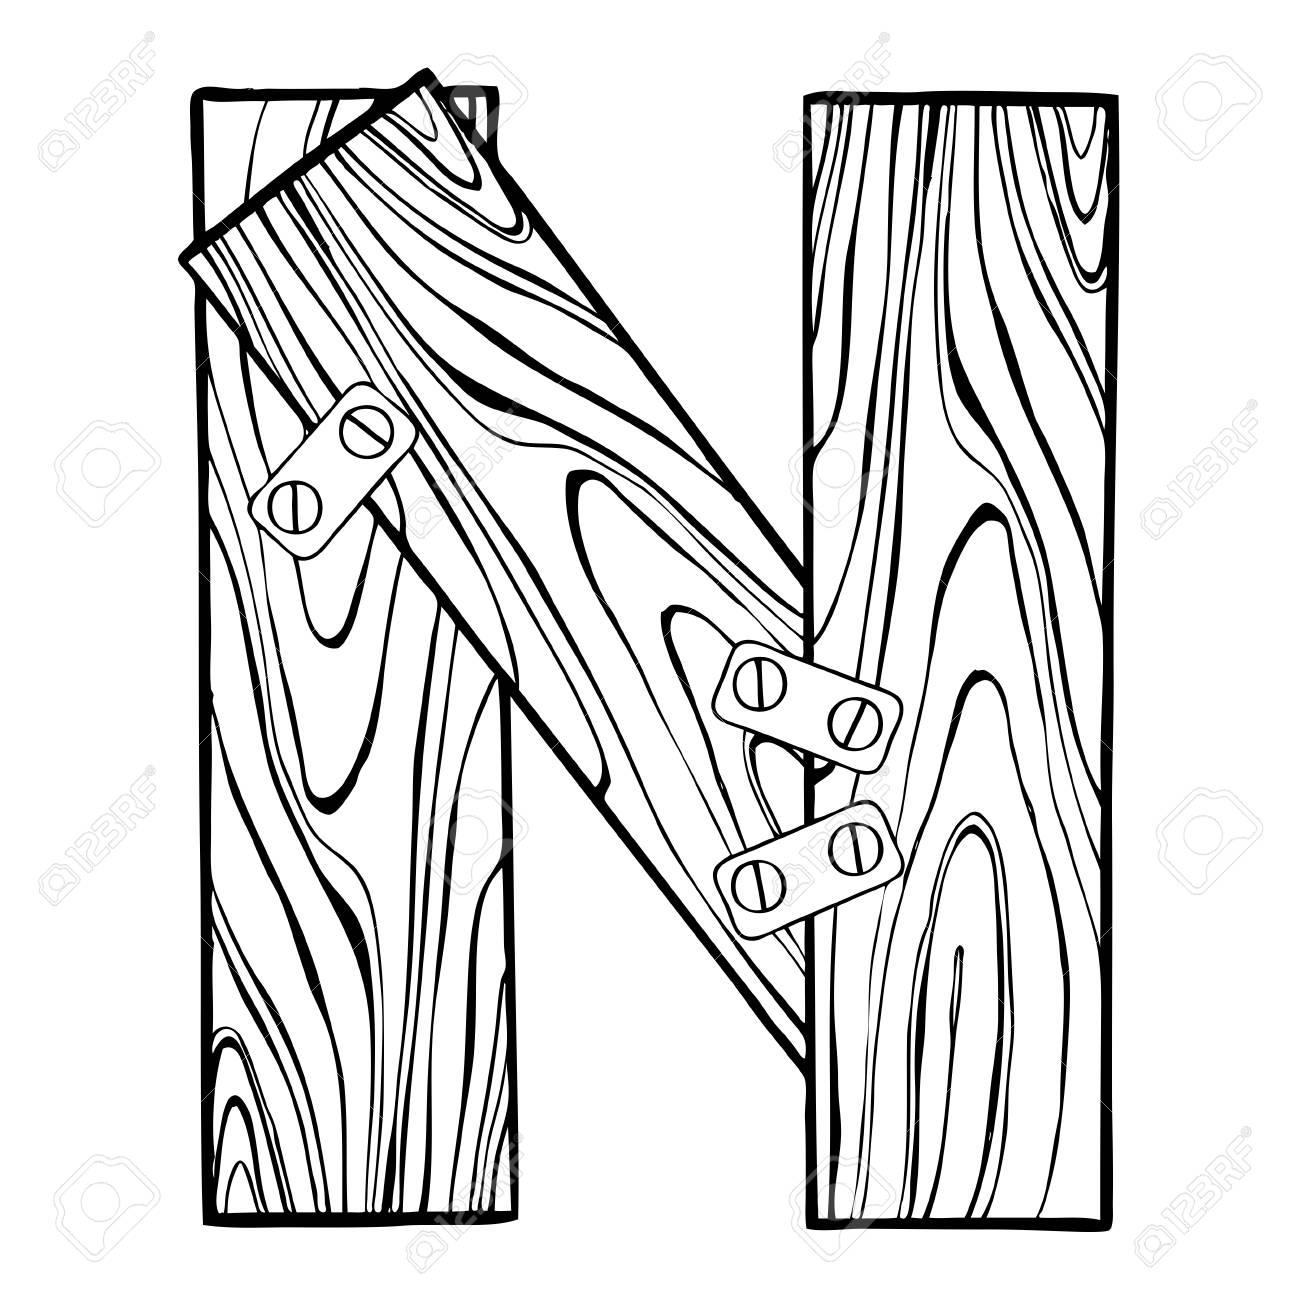 1300x1300 Wooden Letter N Engraving Vector Illustration. Font Art. Scratch